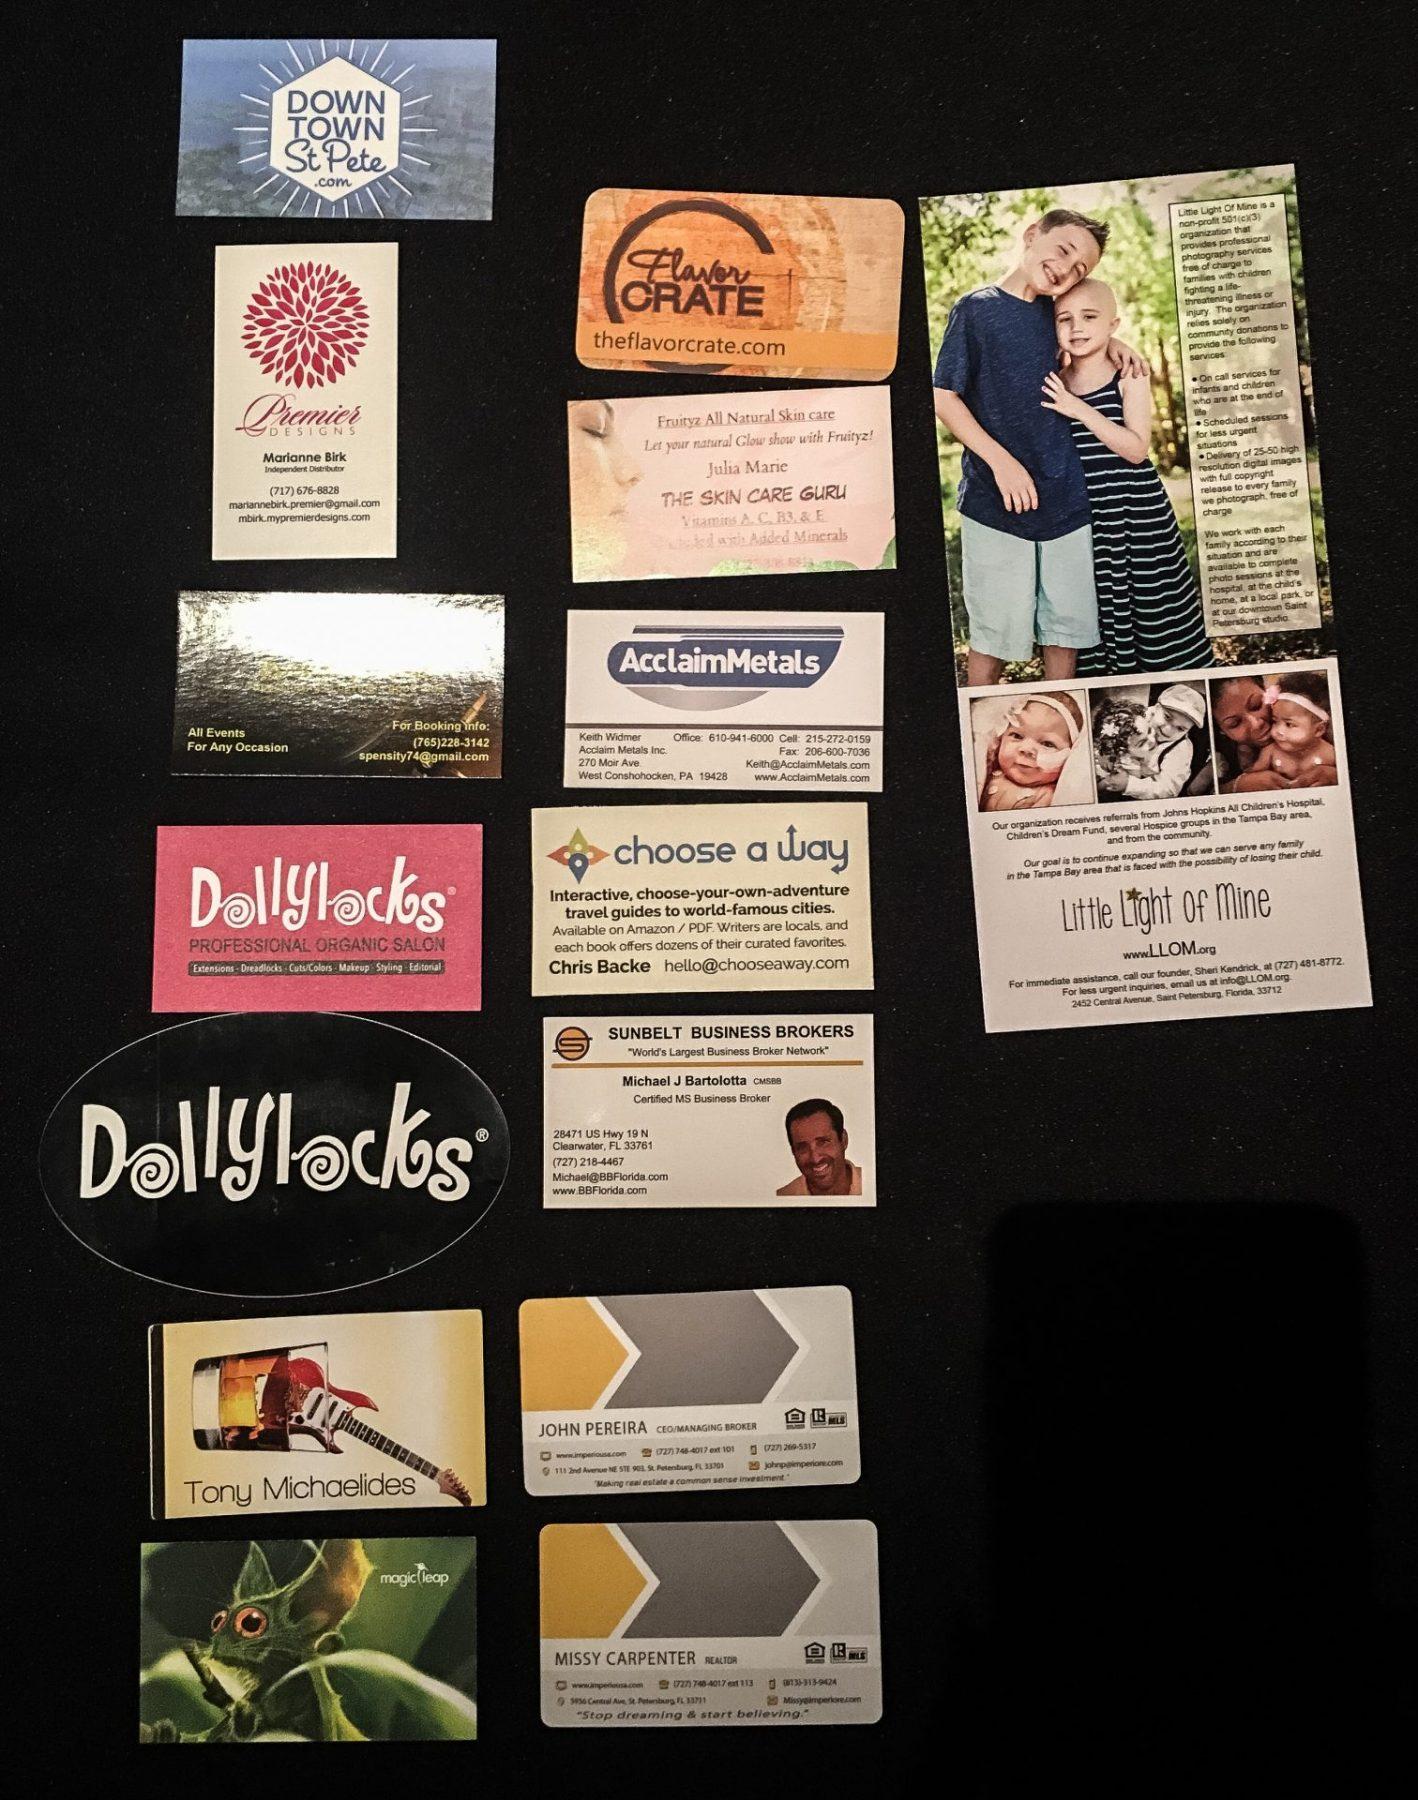 http://entrepreneursocialclub.com/wp-content/uploads/2016/11/ESC-11-03-Biz-Cards.jpg